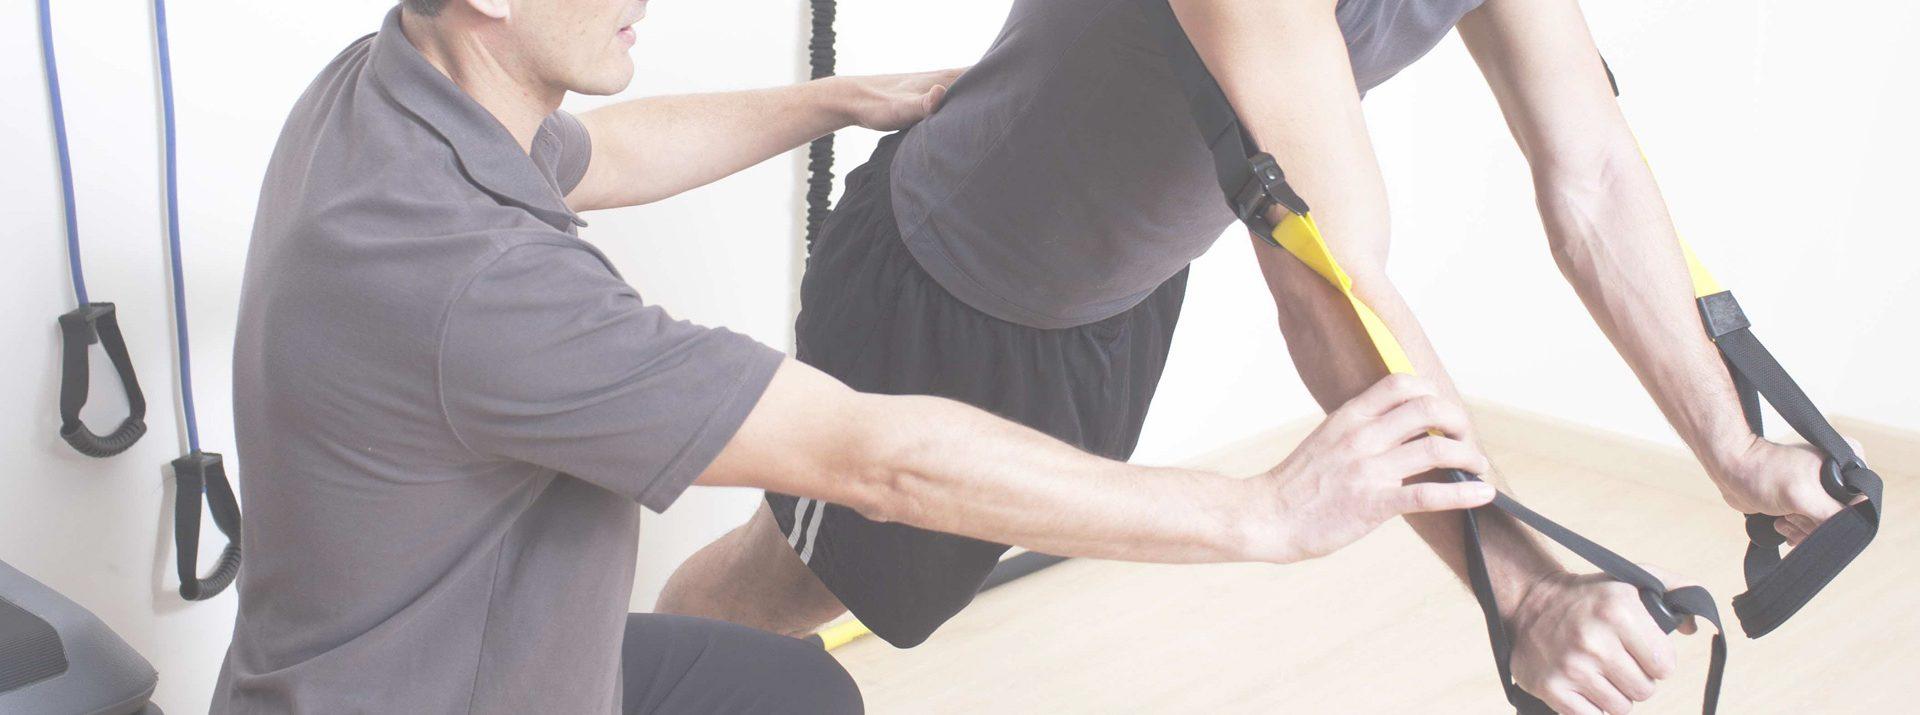 In samenwerking met orthopedisch specialisten